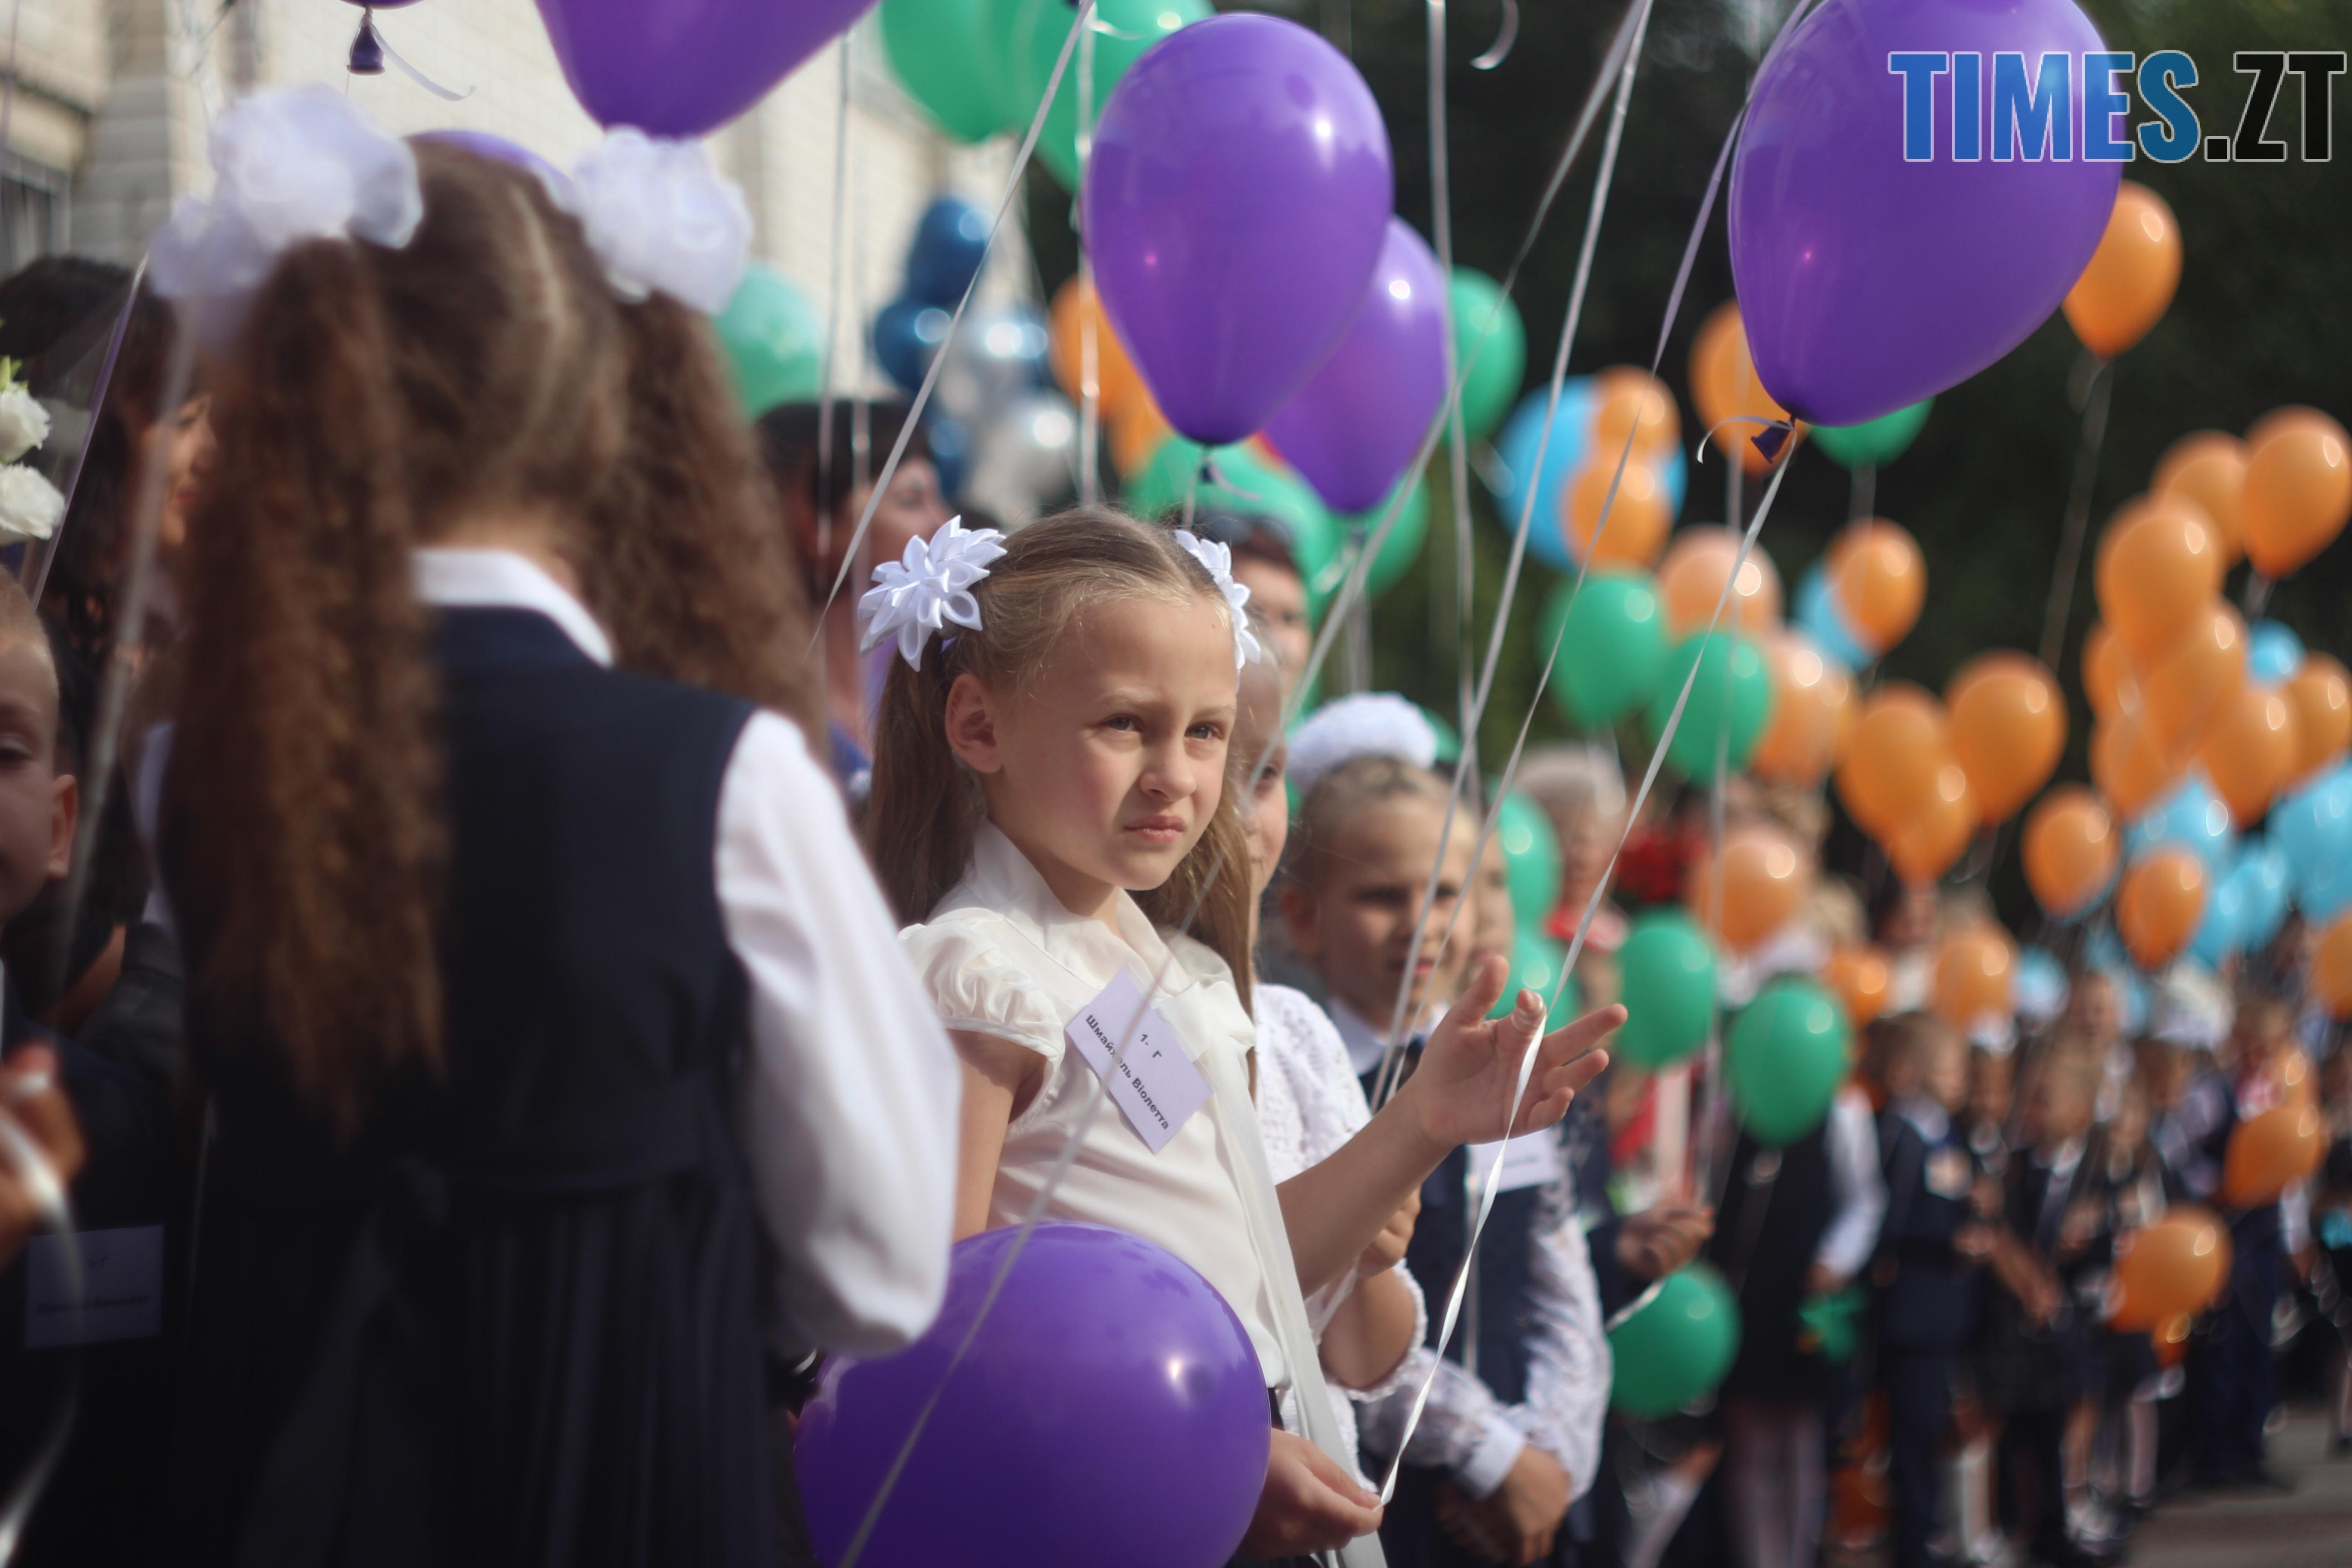 IMG 8799 - Майже 4 тисячі житомирських першокласників навчатимуться за системою Нової української школи (ФОТОРЕПОРТАЖ)